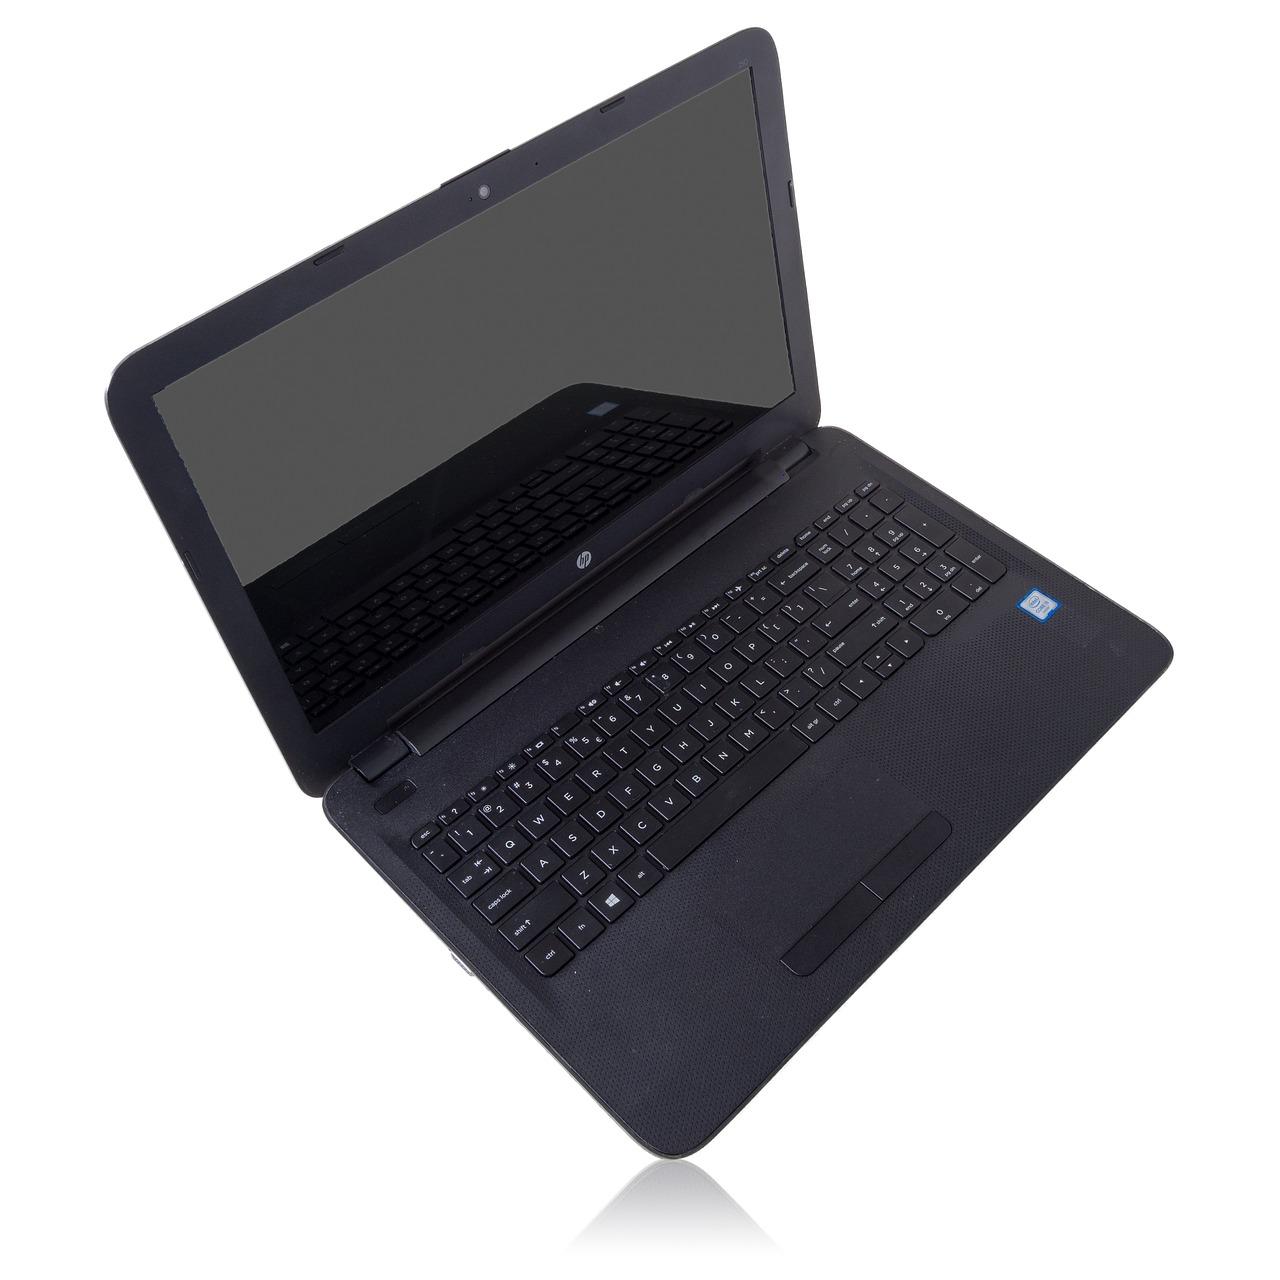 Serwis HP - sposób na tchnięcie nowego życia w sprzęt HP